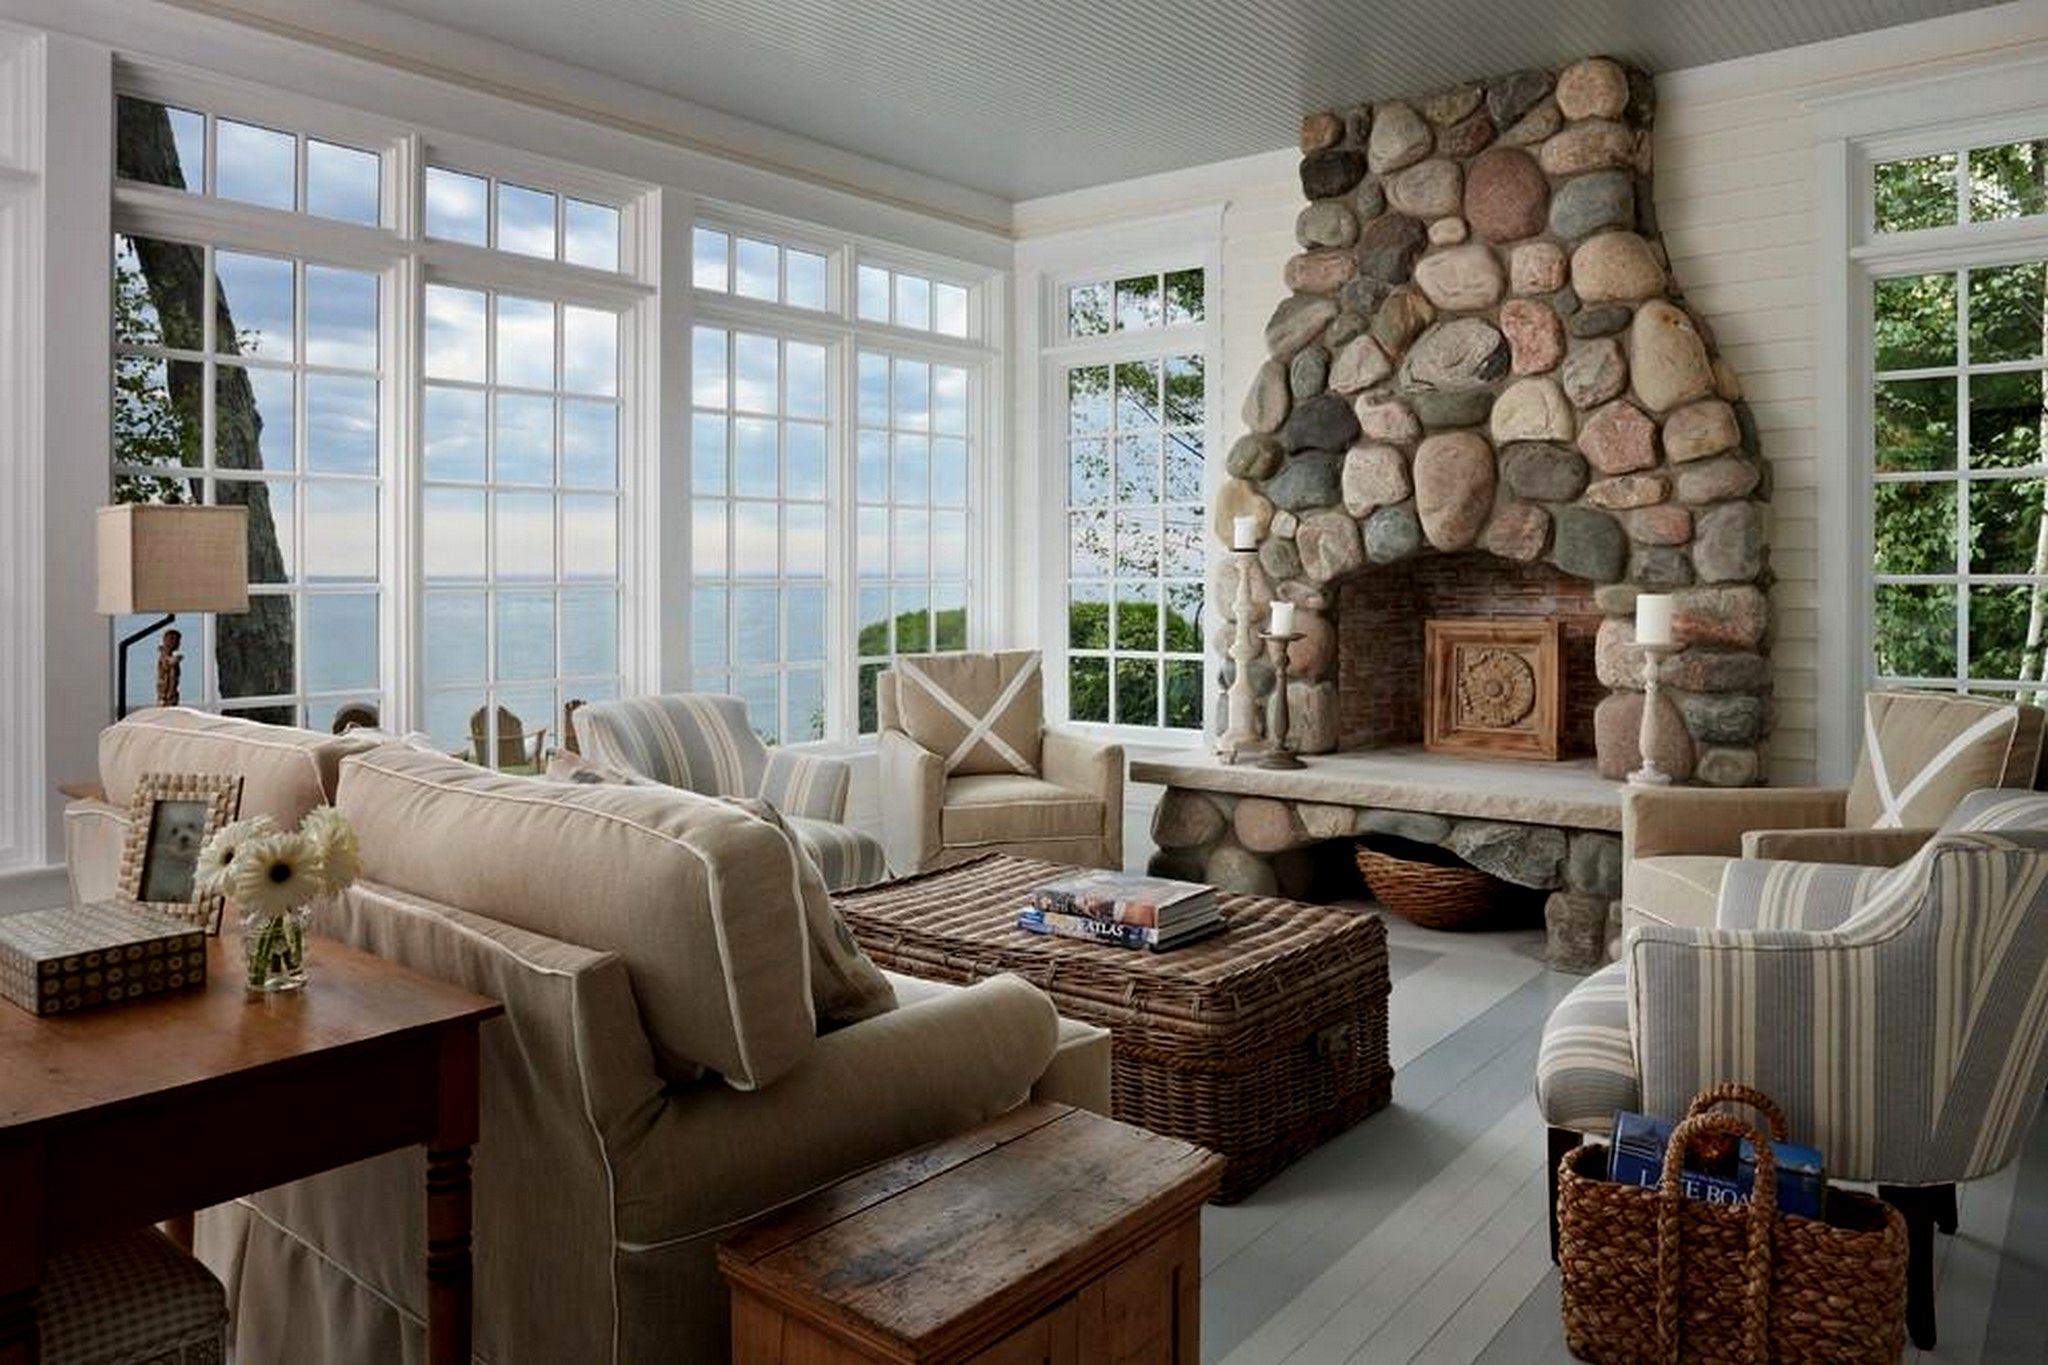 25 Adorable Beach House Interior Design Ideas